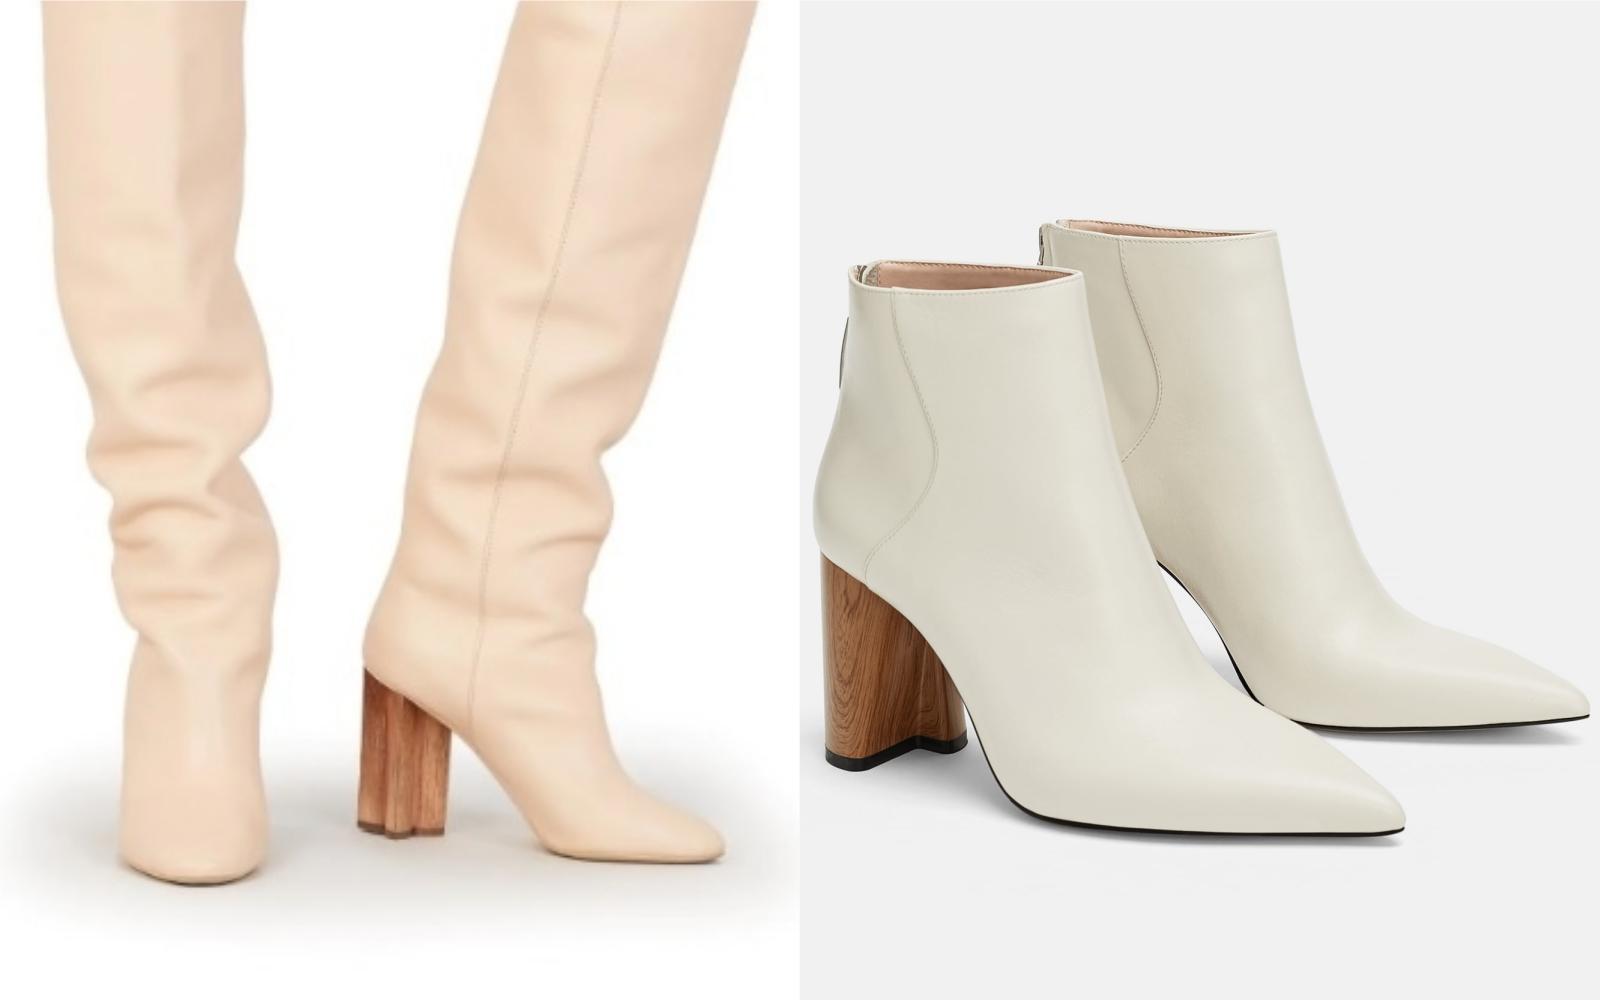 Ups! Cizme sau botine? Vuitton sau Zara?